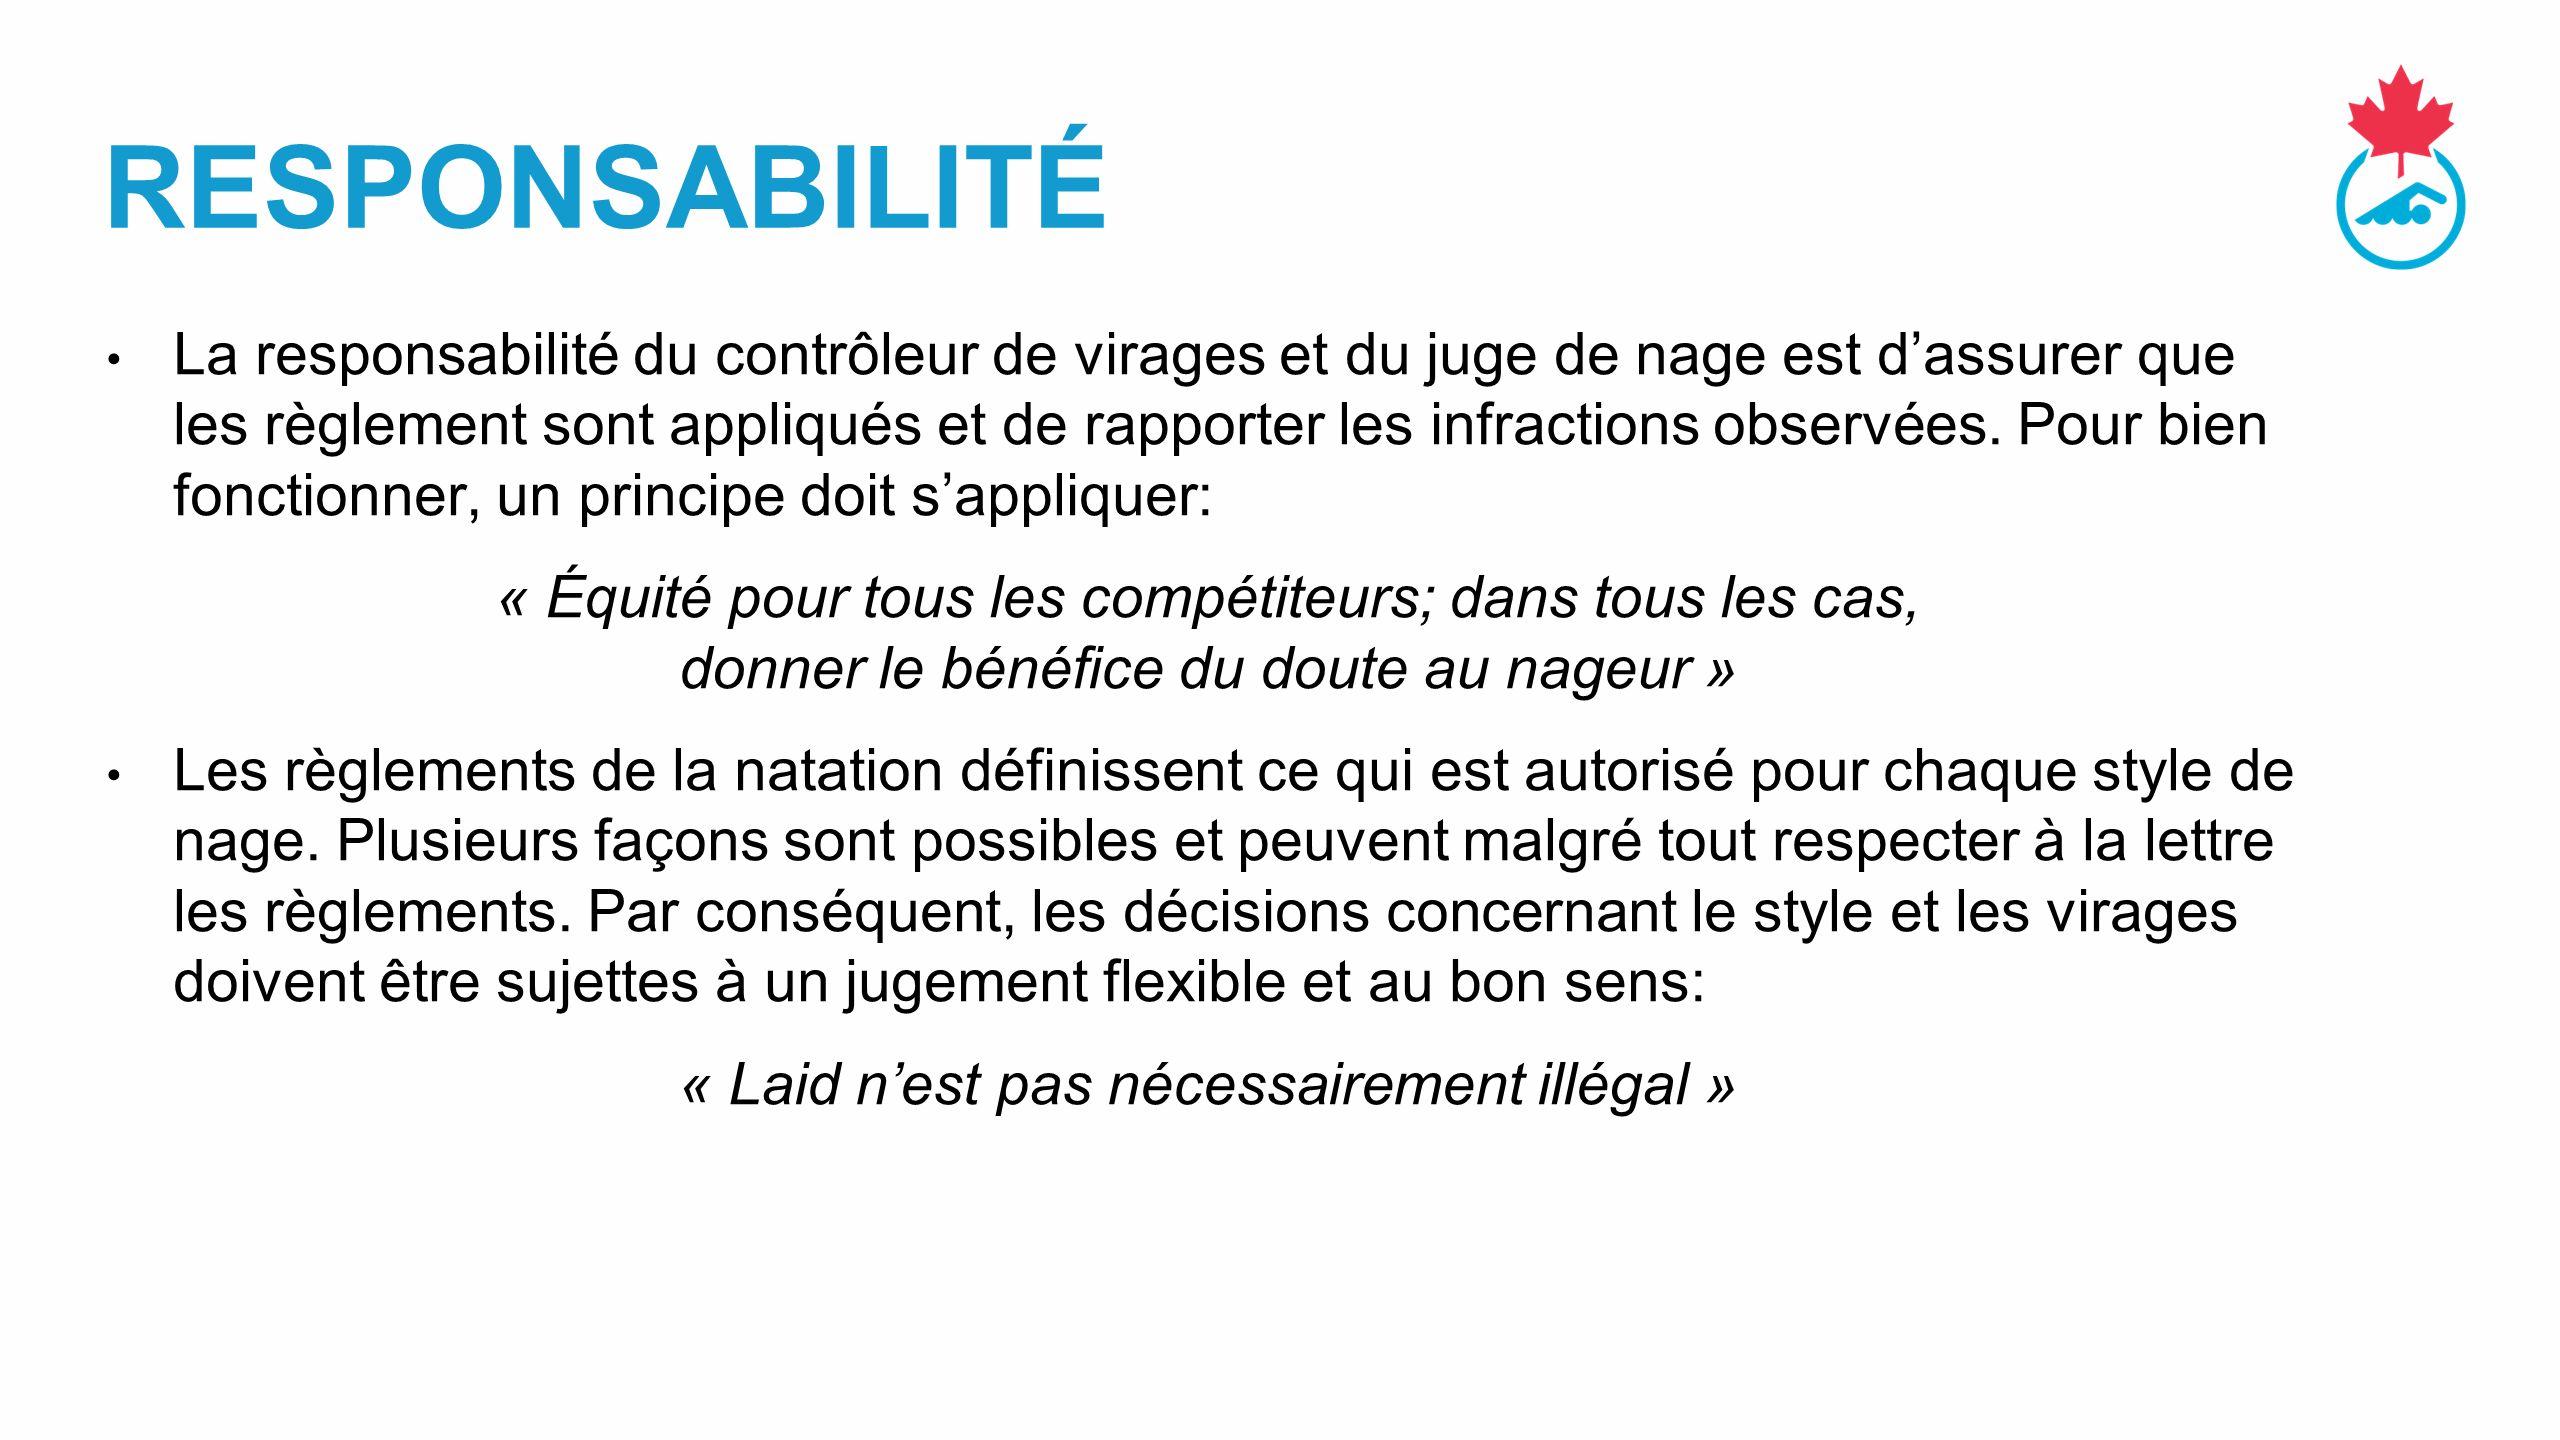 RESPONSABILITÉ La responsabilité du contrôleur de virages et du juge de nage est d'assurer que les règlement sont appliqués et de rapporter les infractions observées.